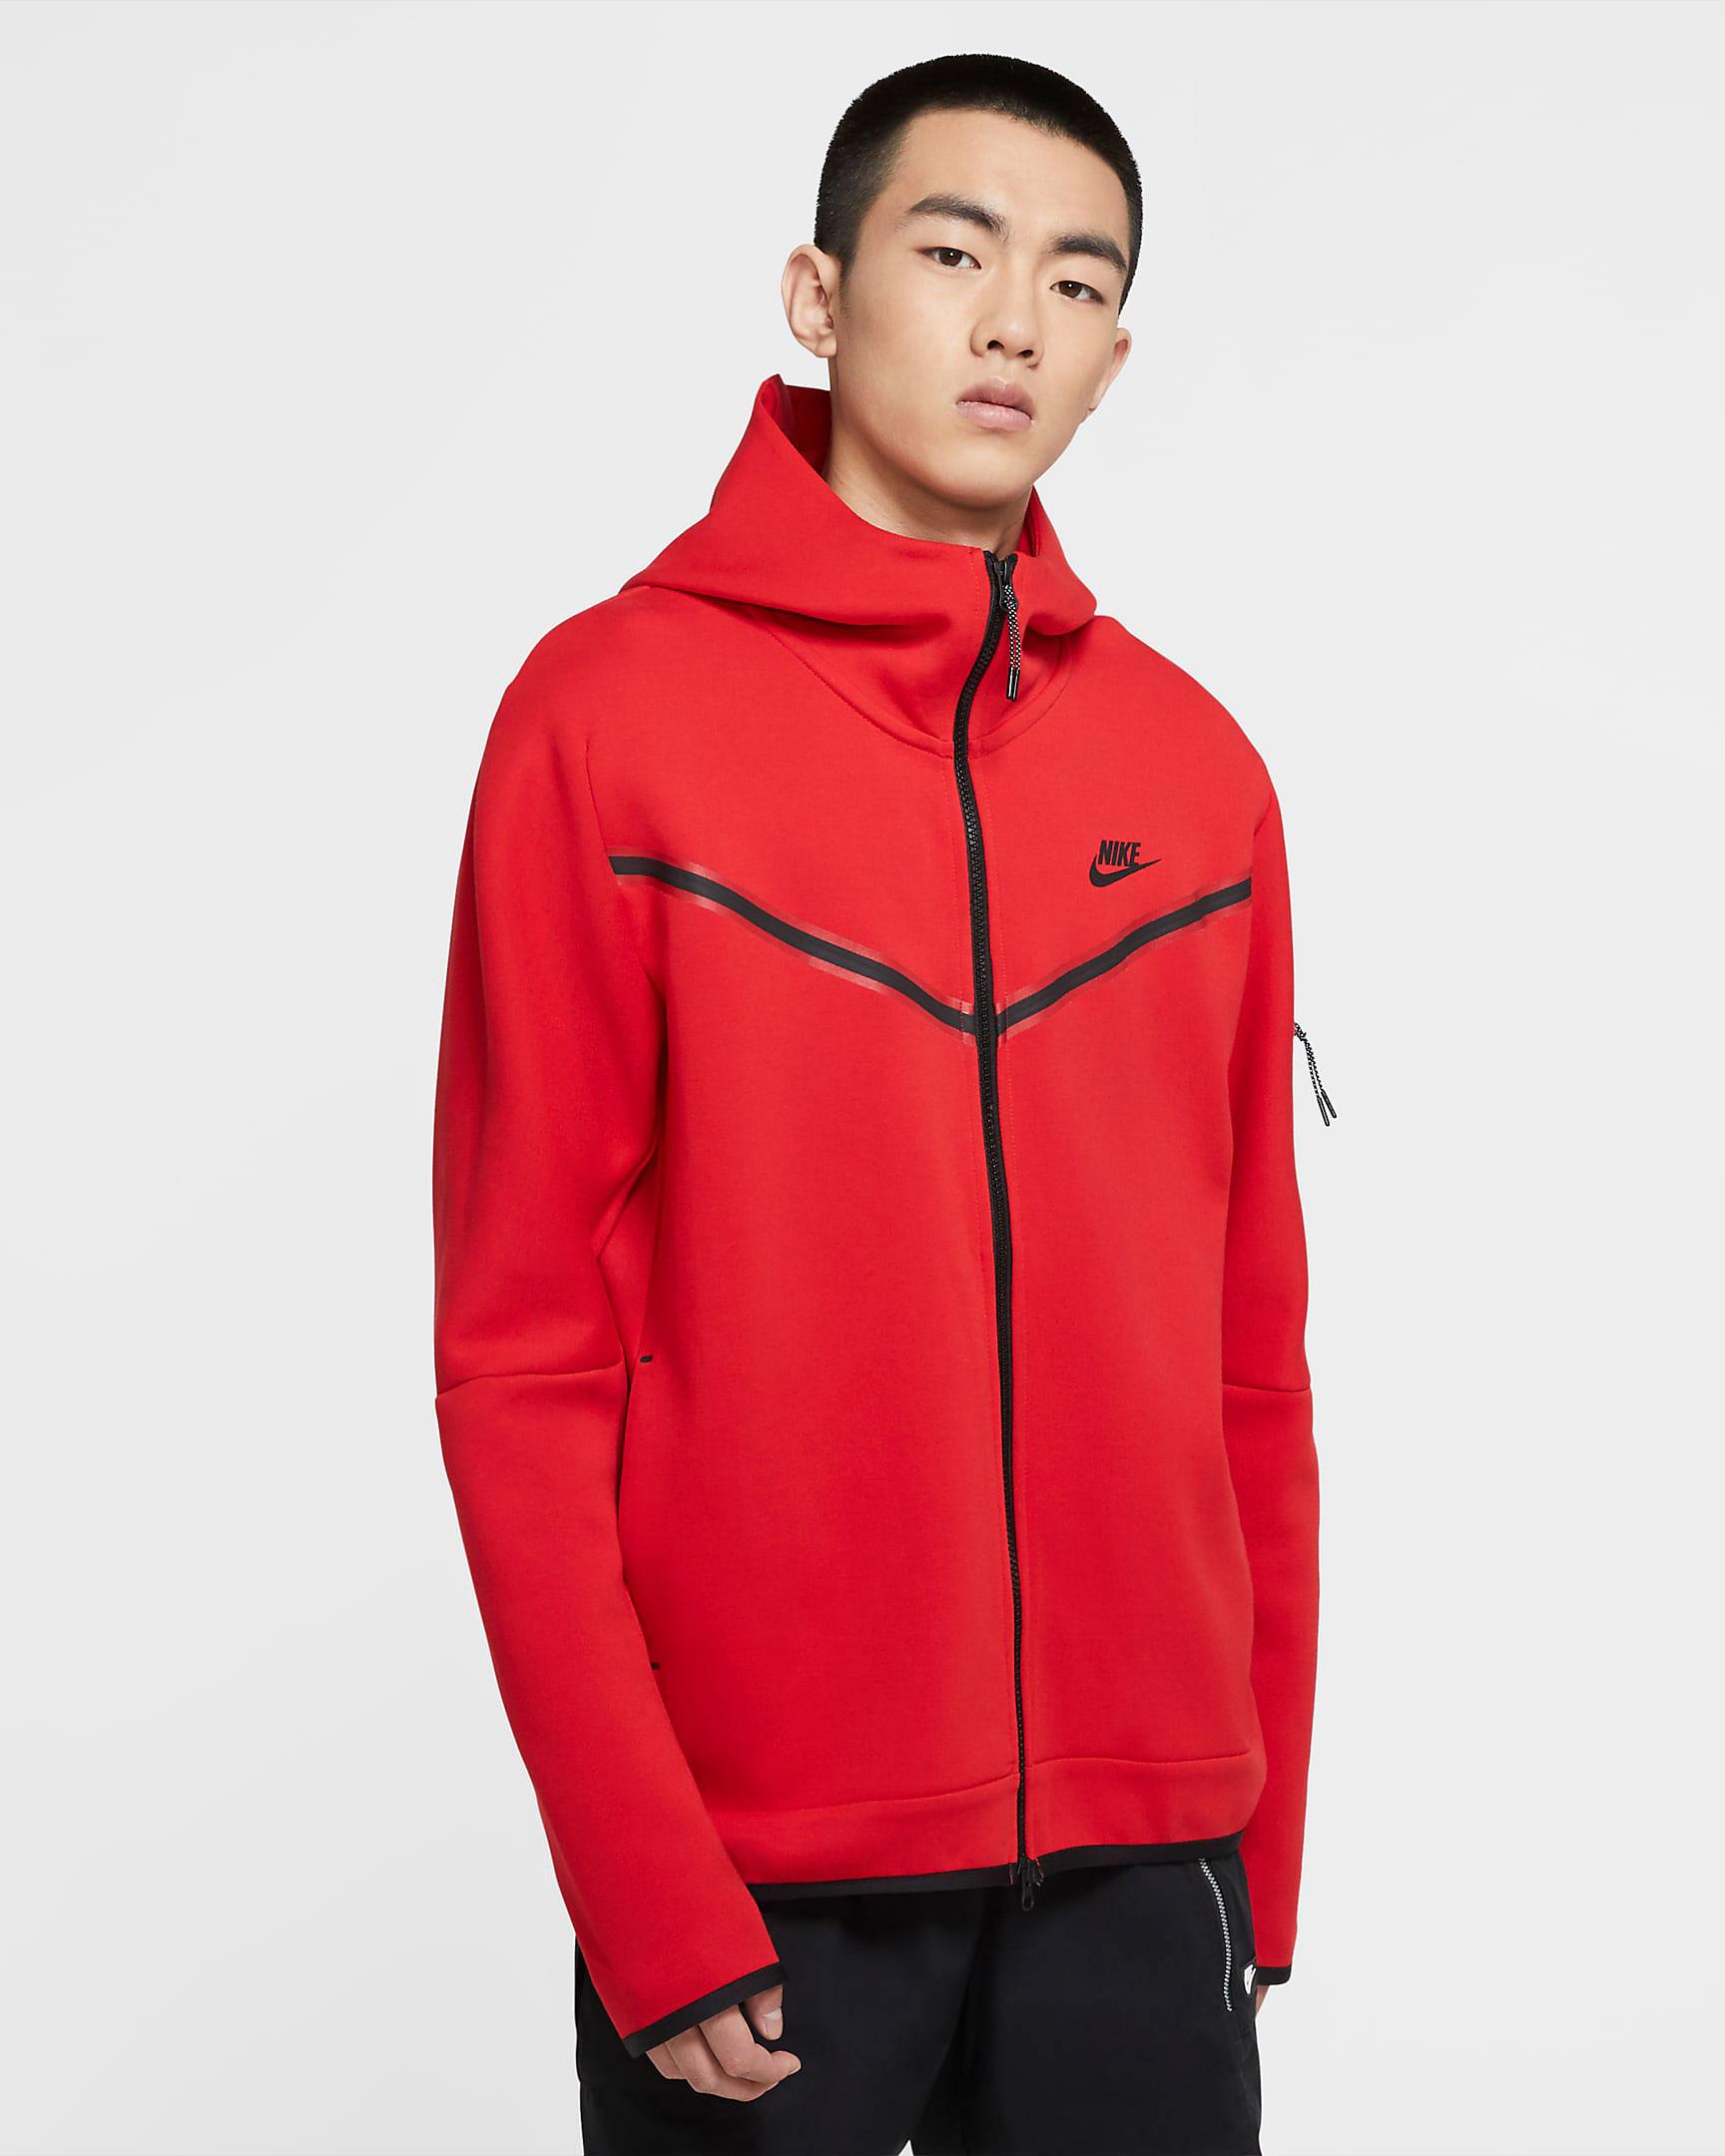 air-jordan-4-fire-red-nike-air-hoodie